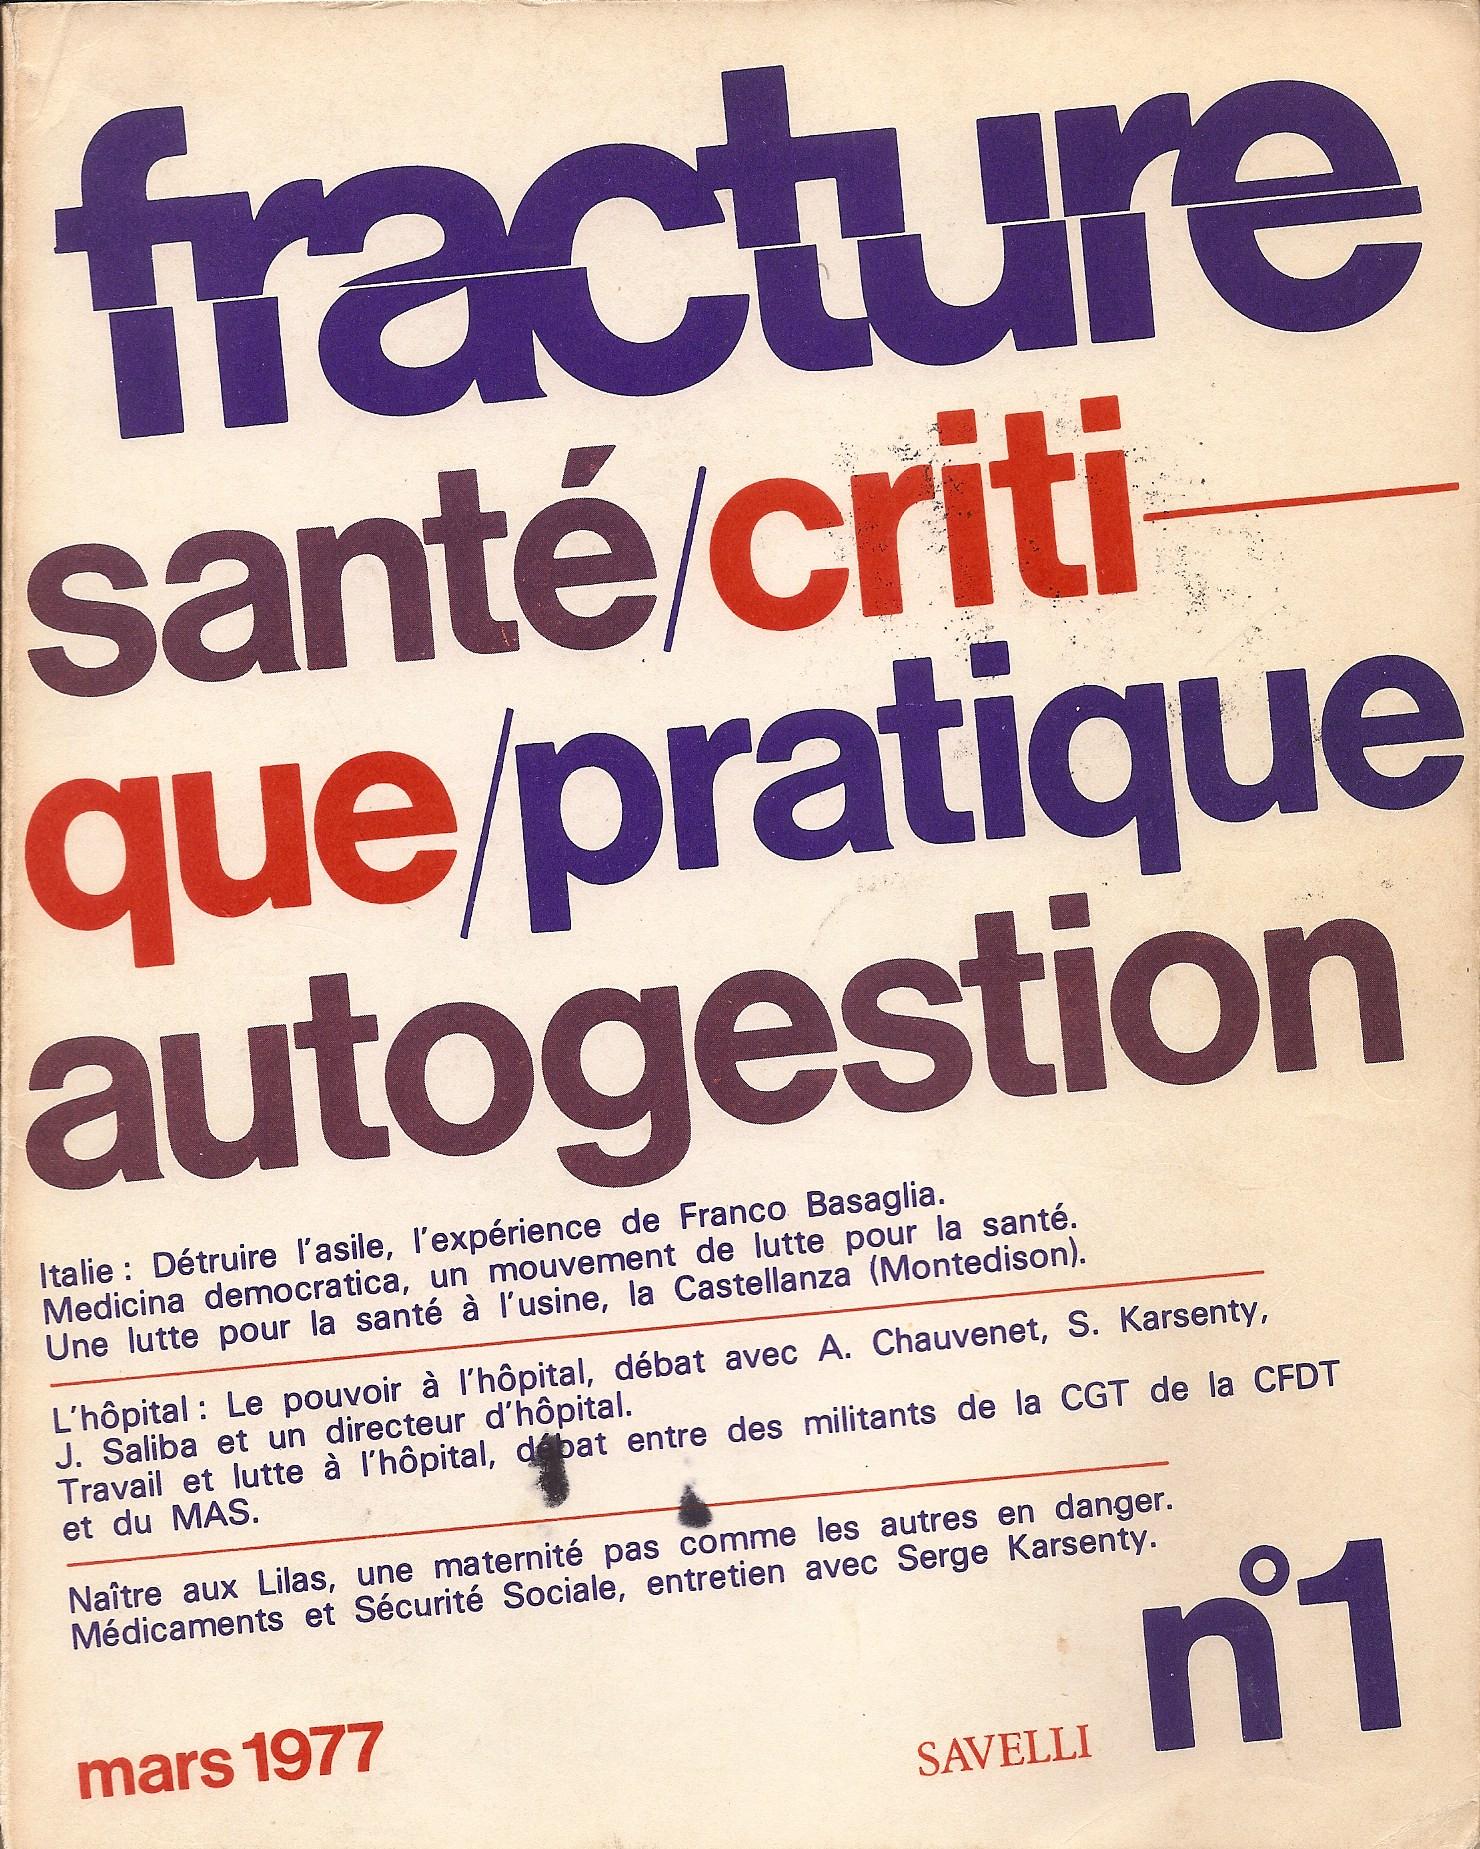 1977 : naissance de Fracture, revue autogestionnaire dans la santé